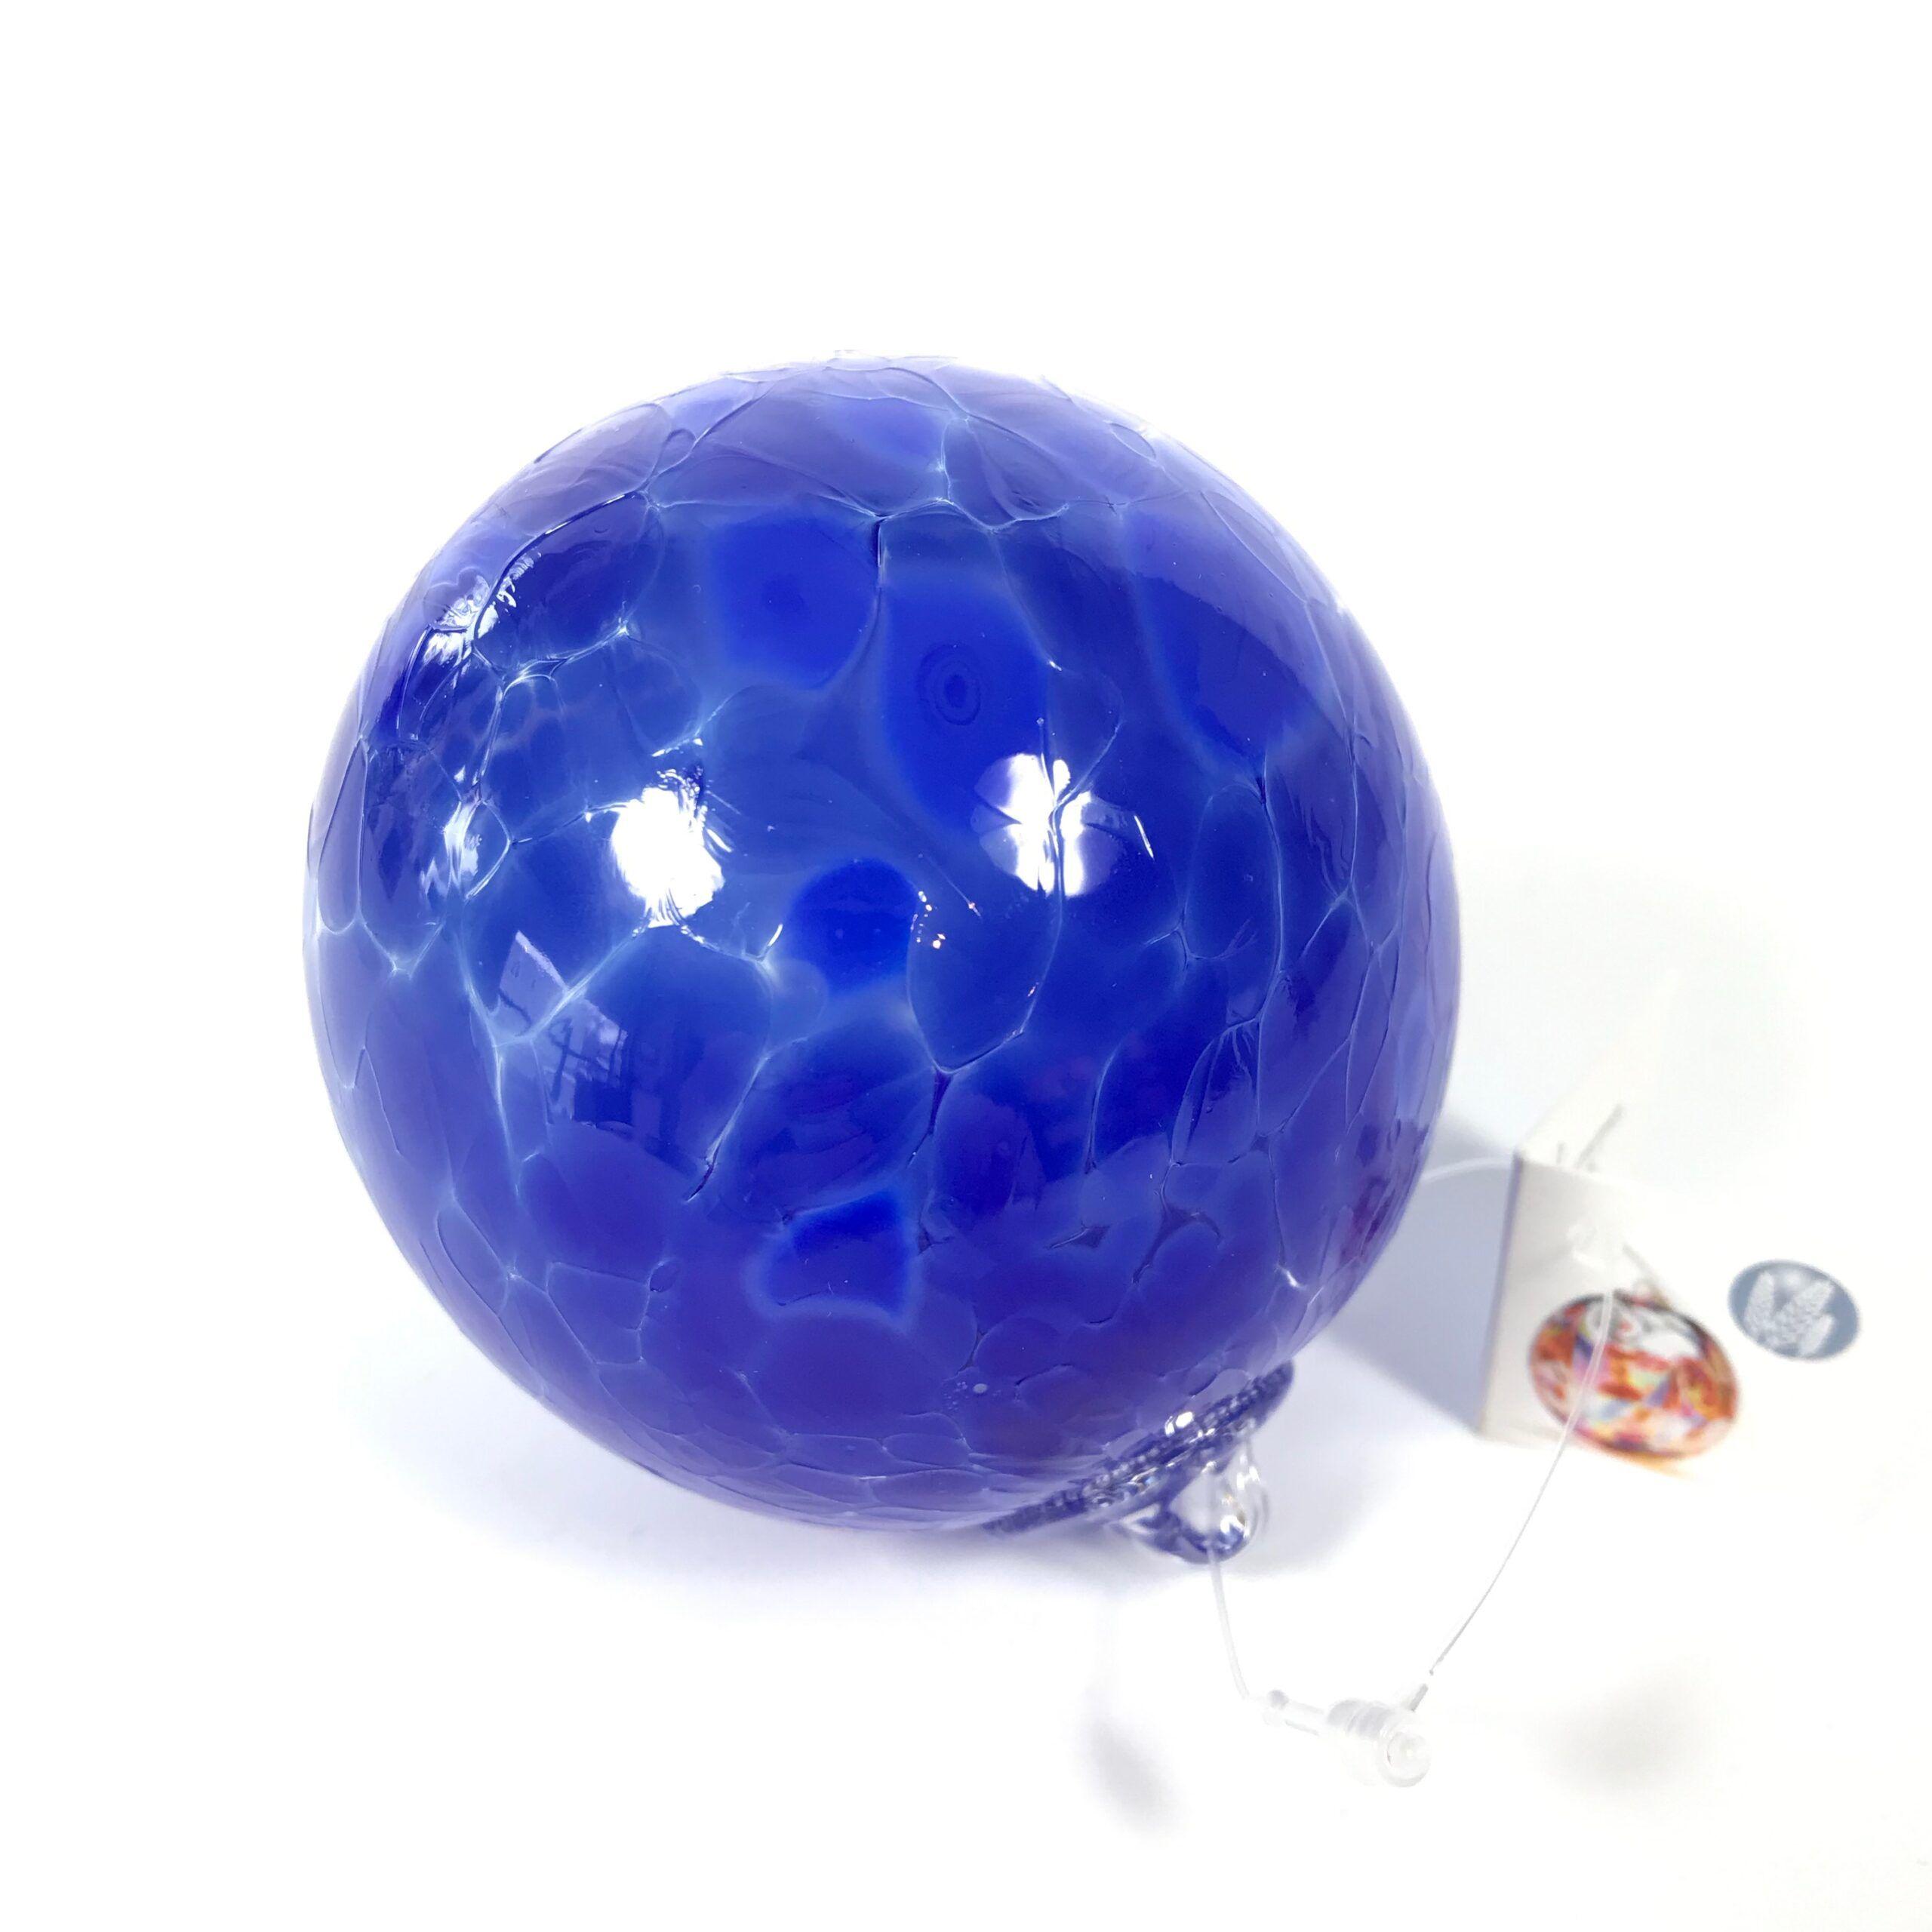 Deep Blue Friendship Ball